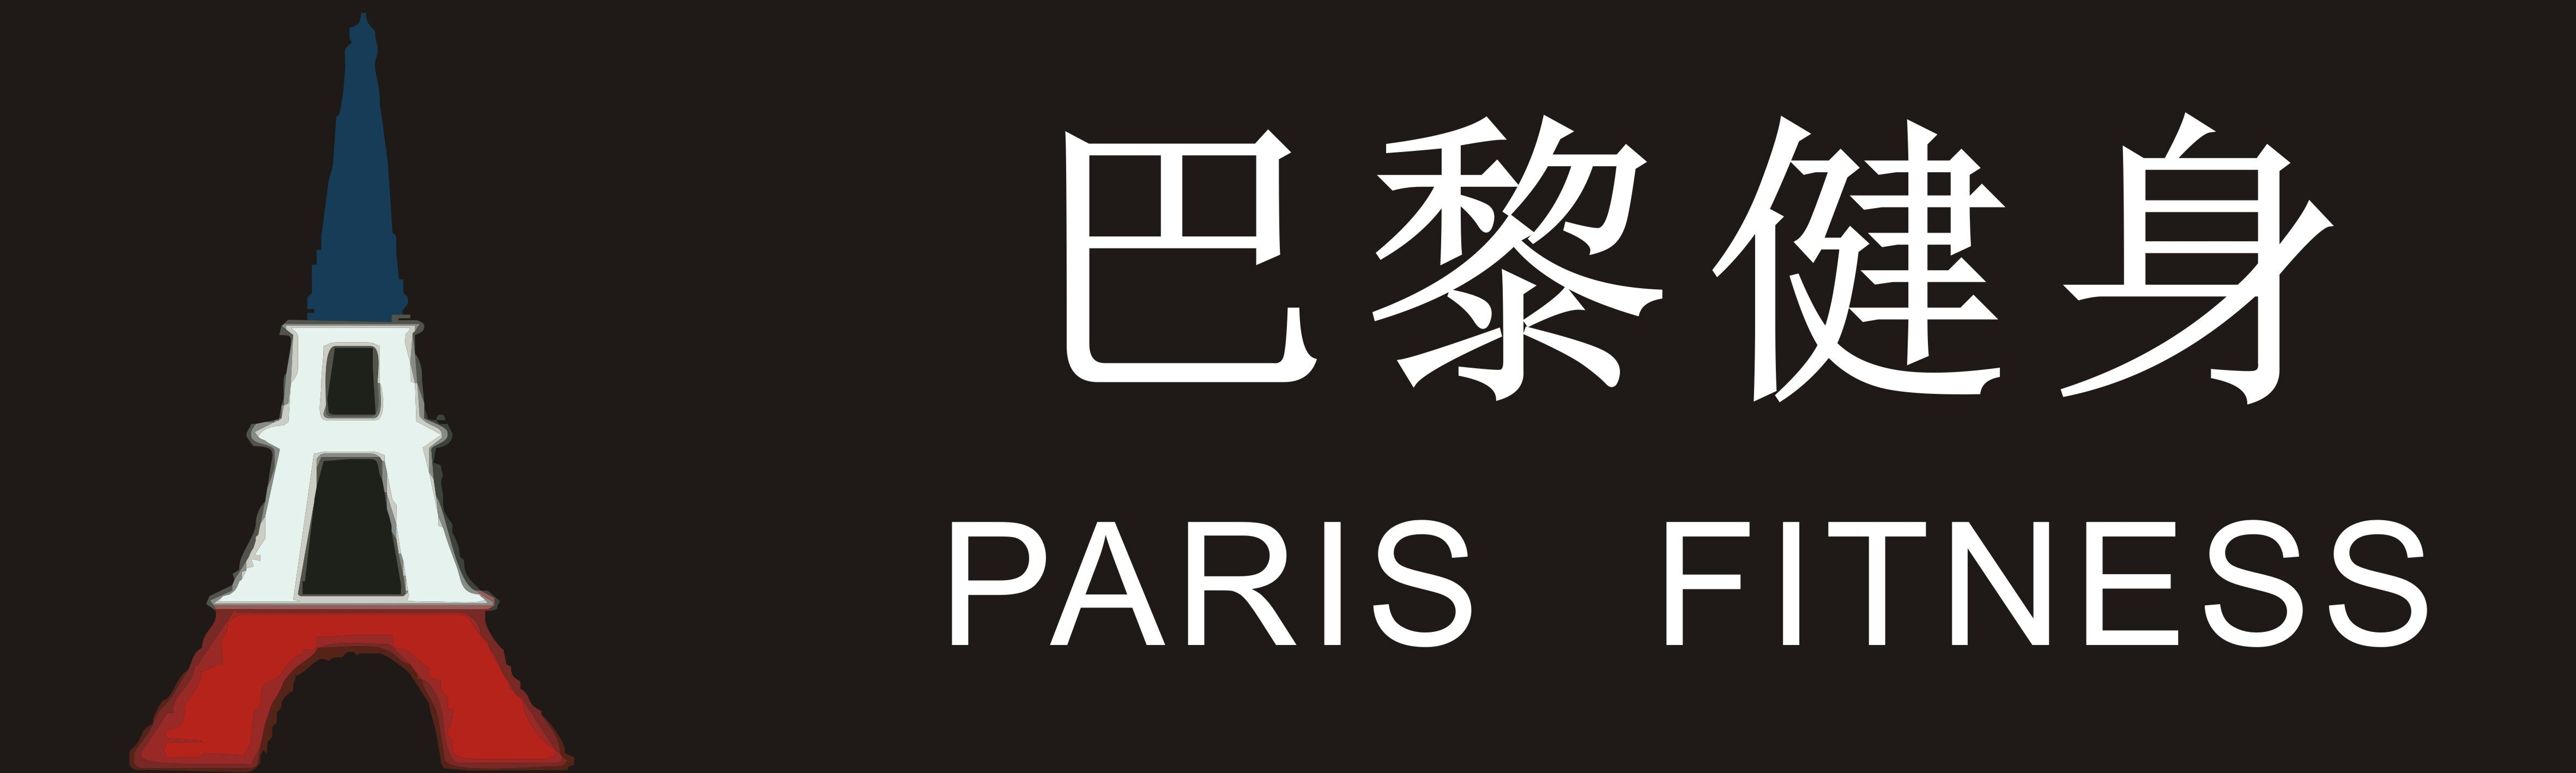 巴黎健身会所